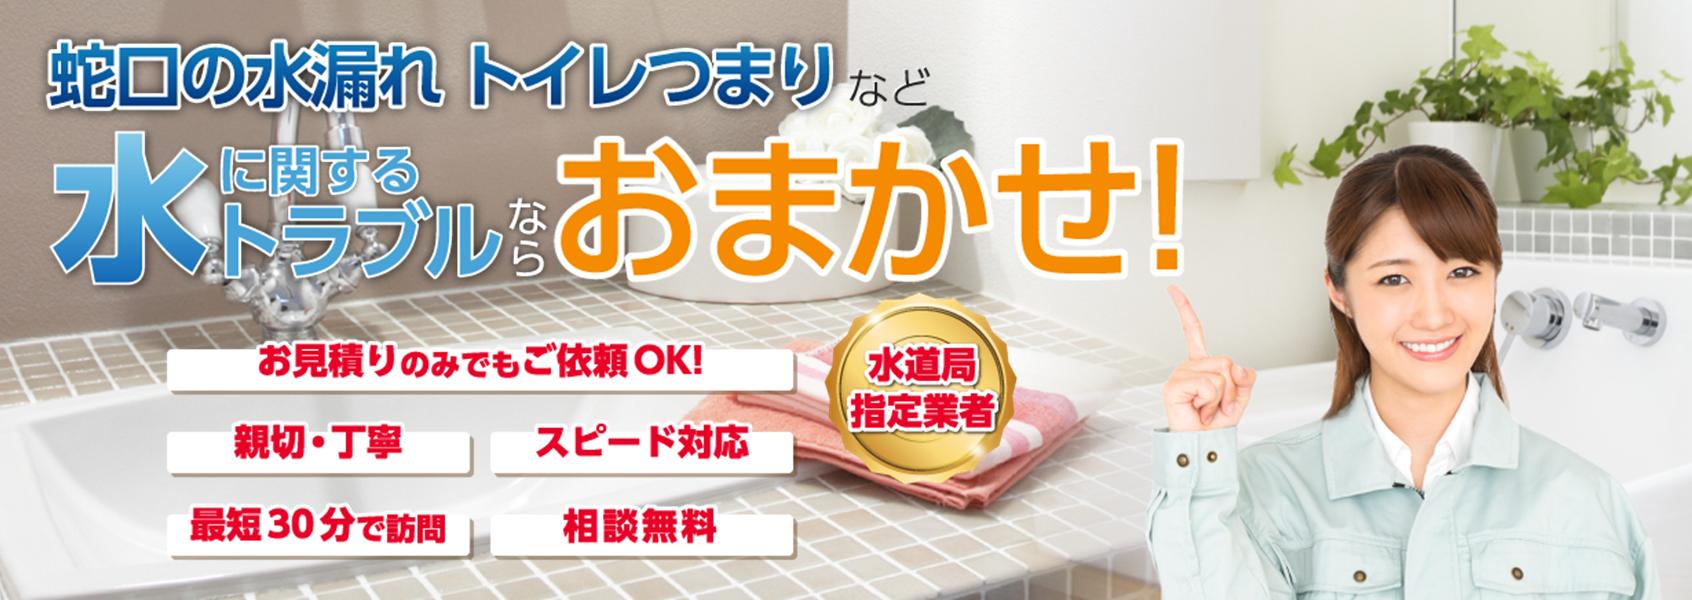 奈良市のトイレつまり修理【2,300円から】水道局指定業者の近畿水道サポートセンター